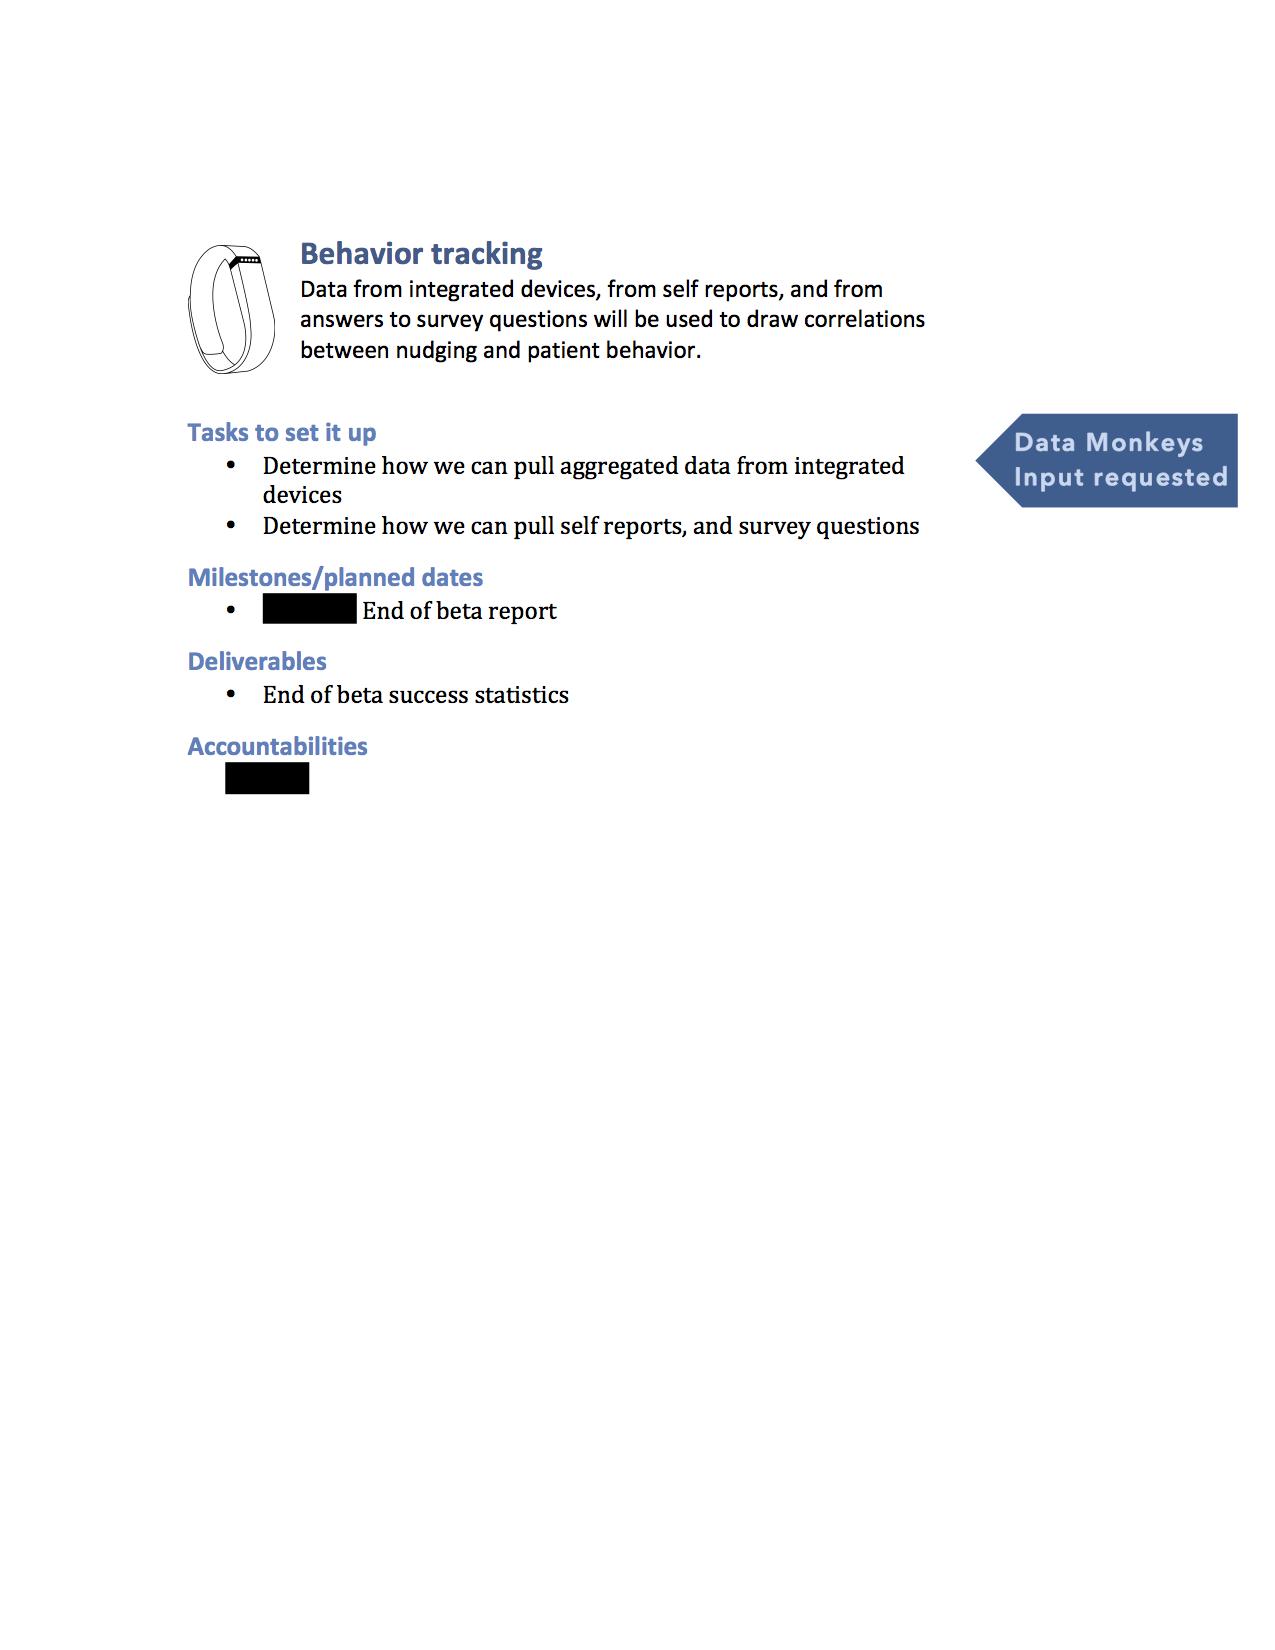 Beta Learning Plan (redacted)12.png